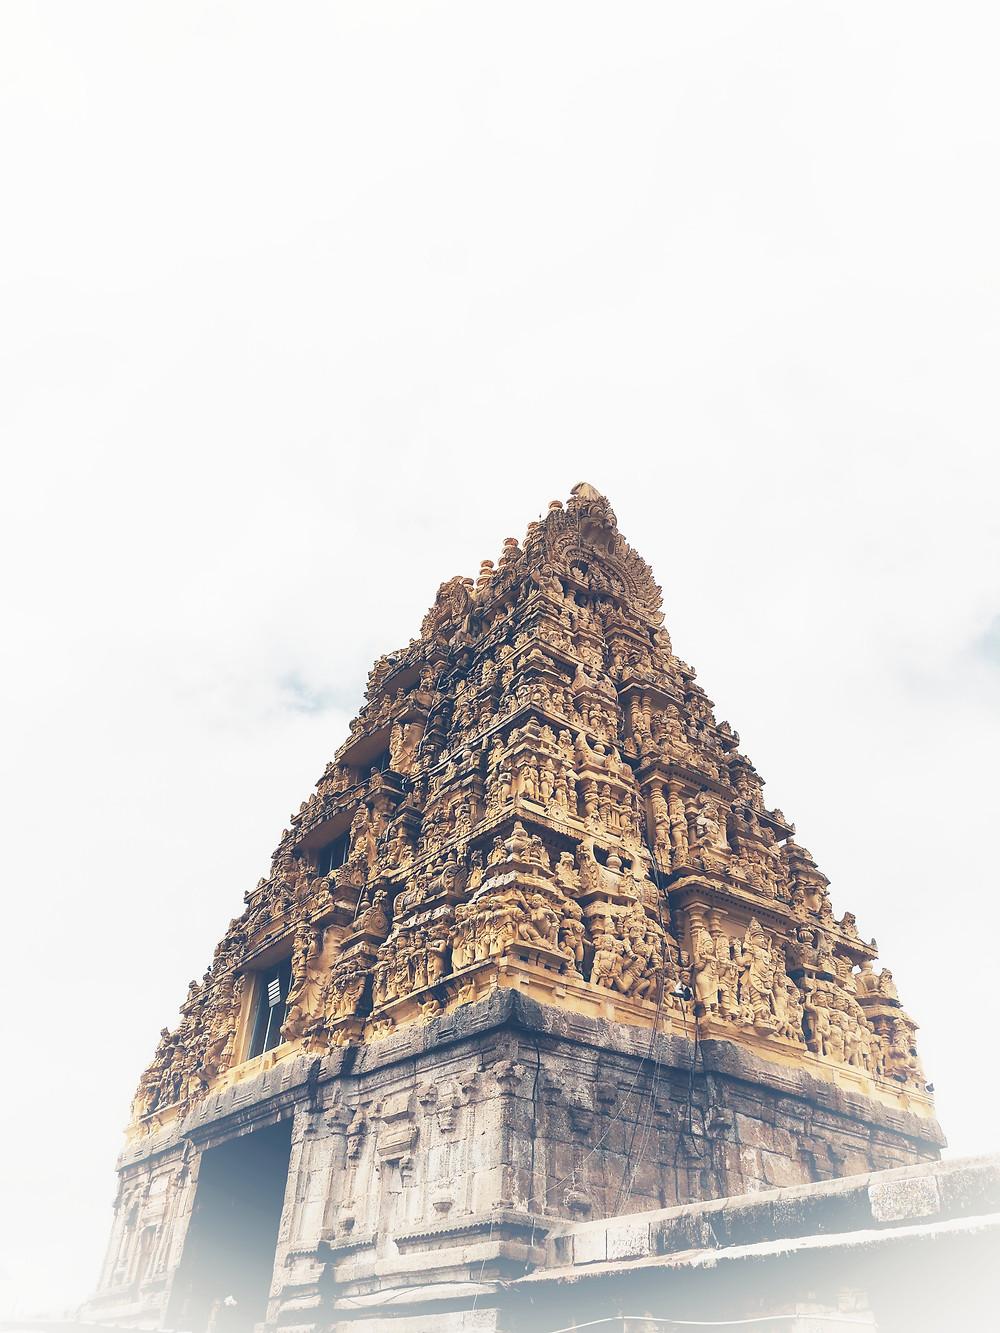 מקדשי קהג'וראהו במדינת מאדהיה פרדש שבהודו